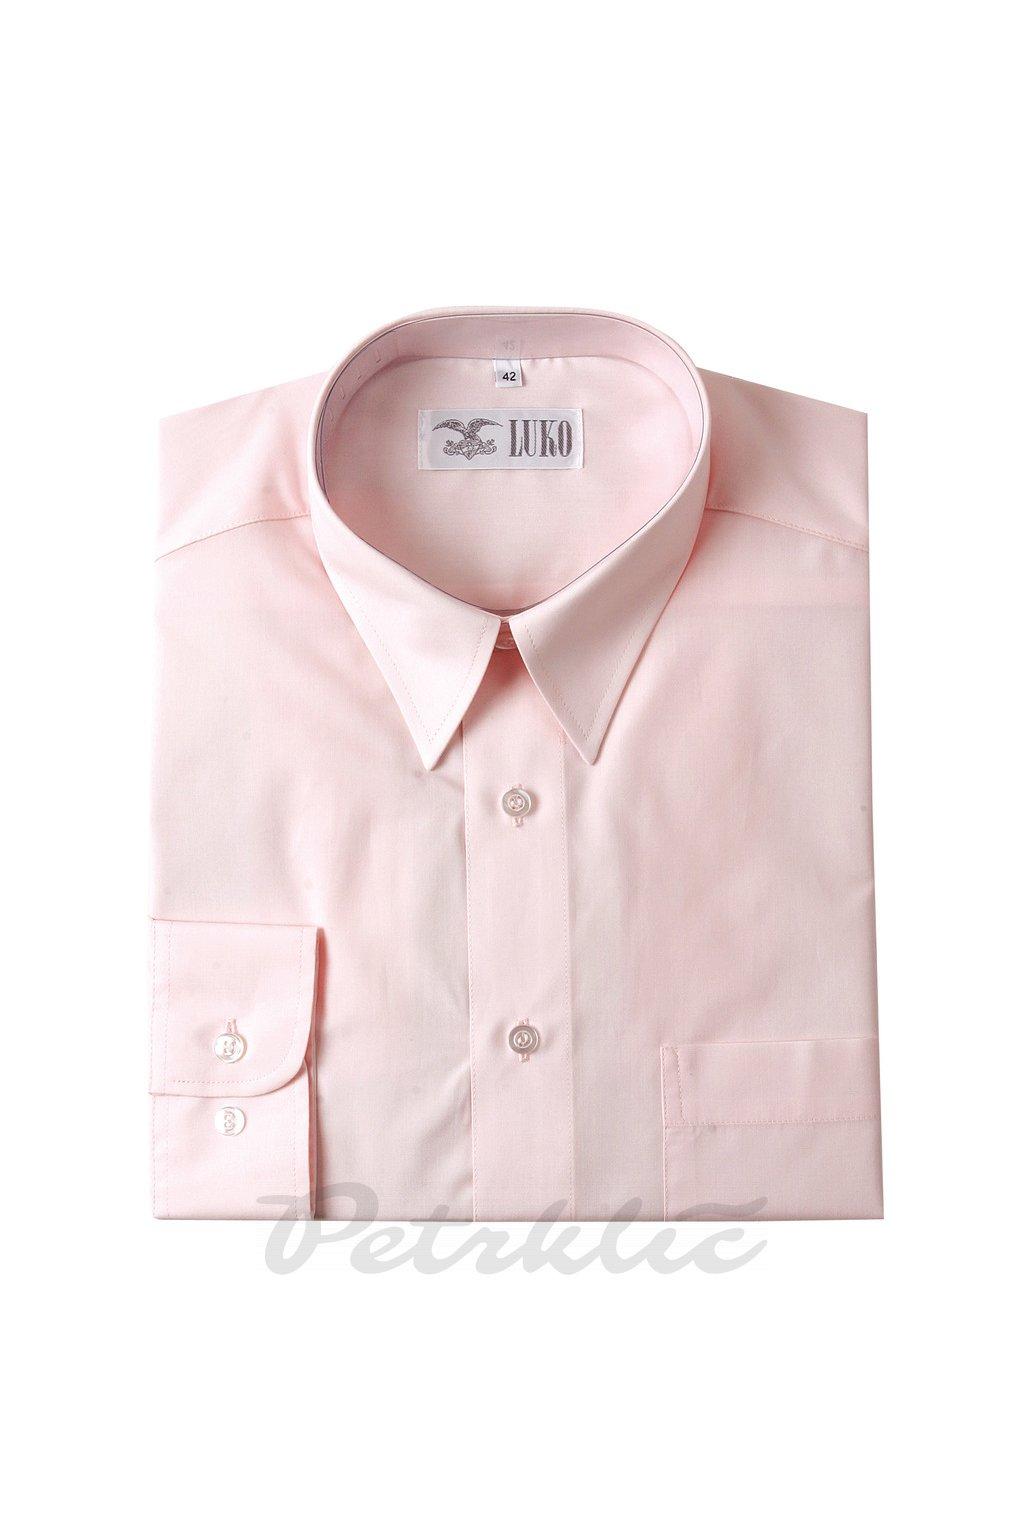 Pánská košile krátký rukáv 2 - 1:1 bavlna a polyester